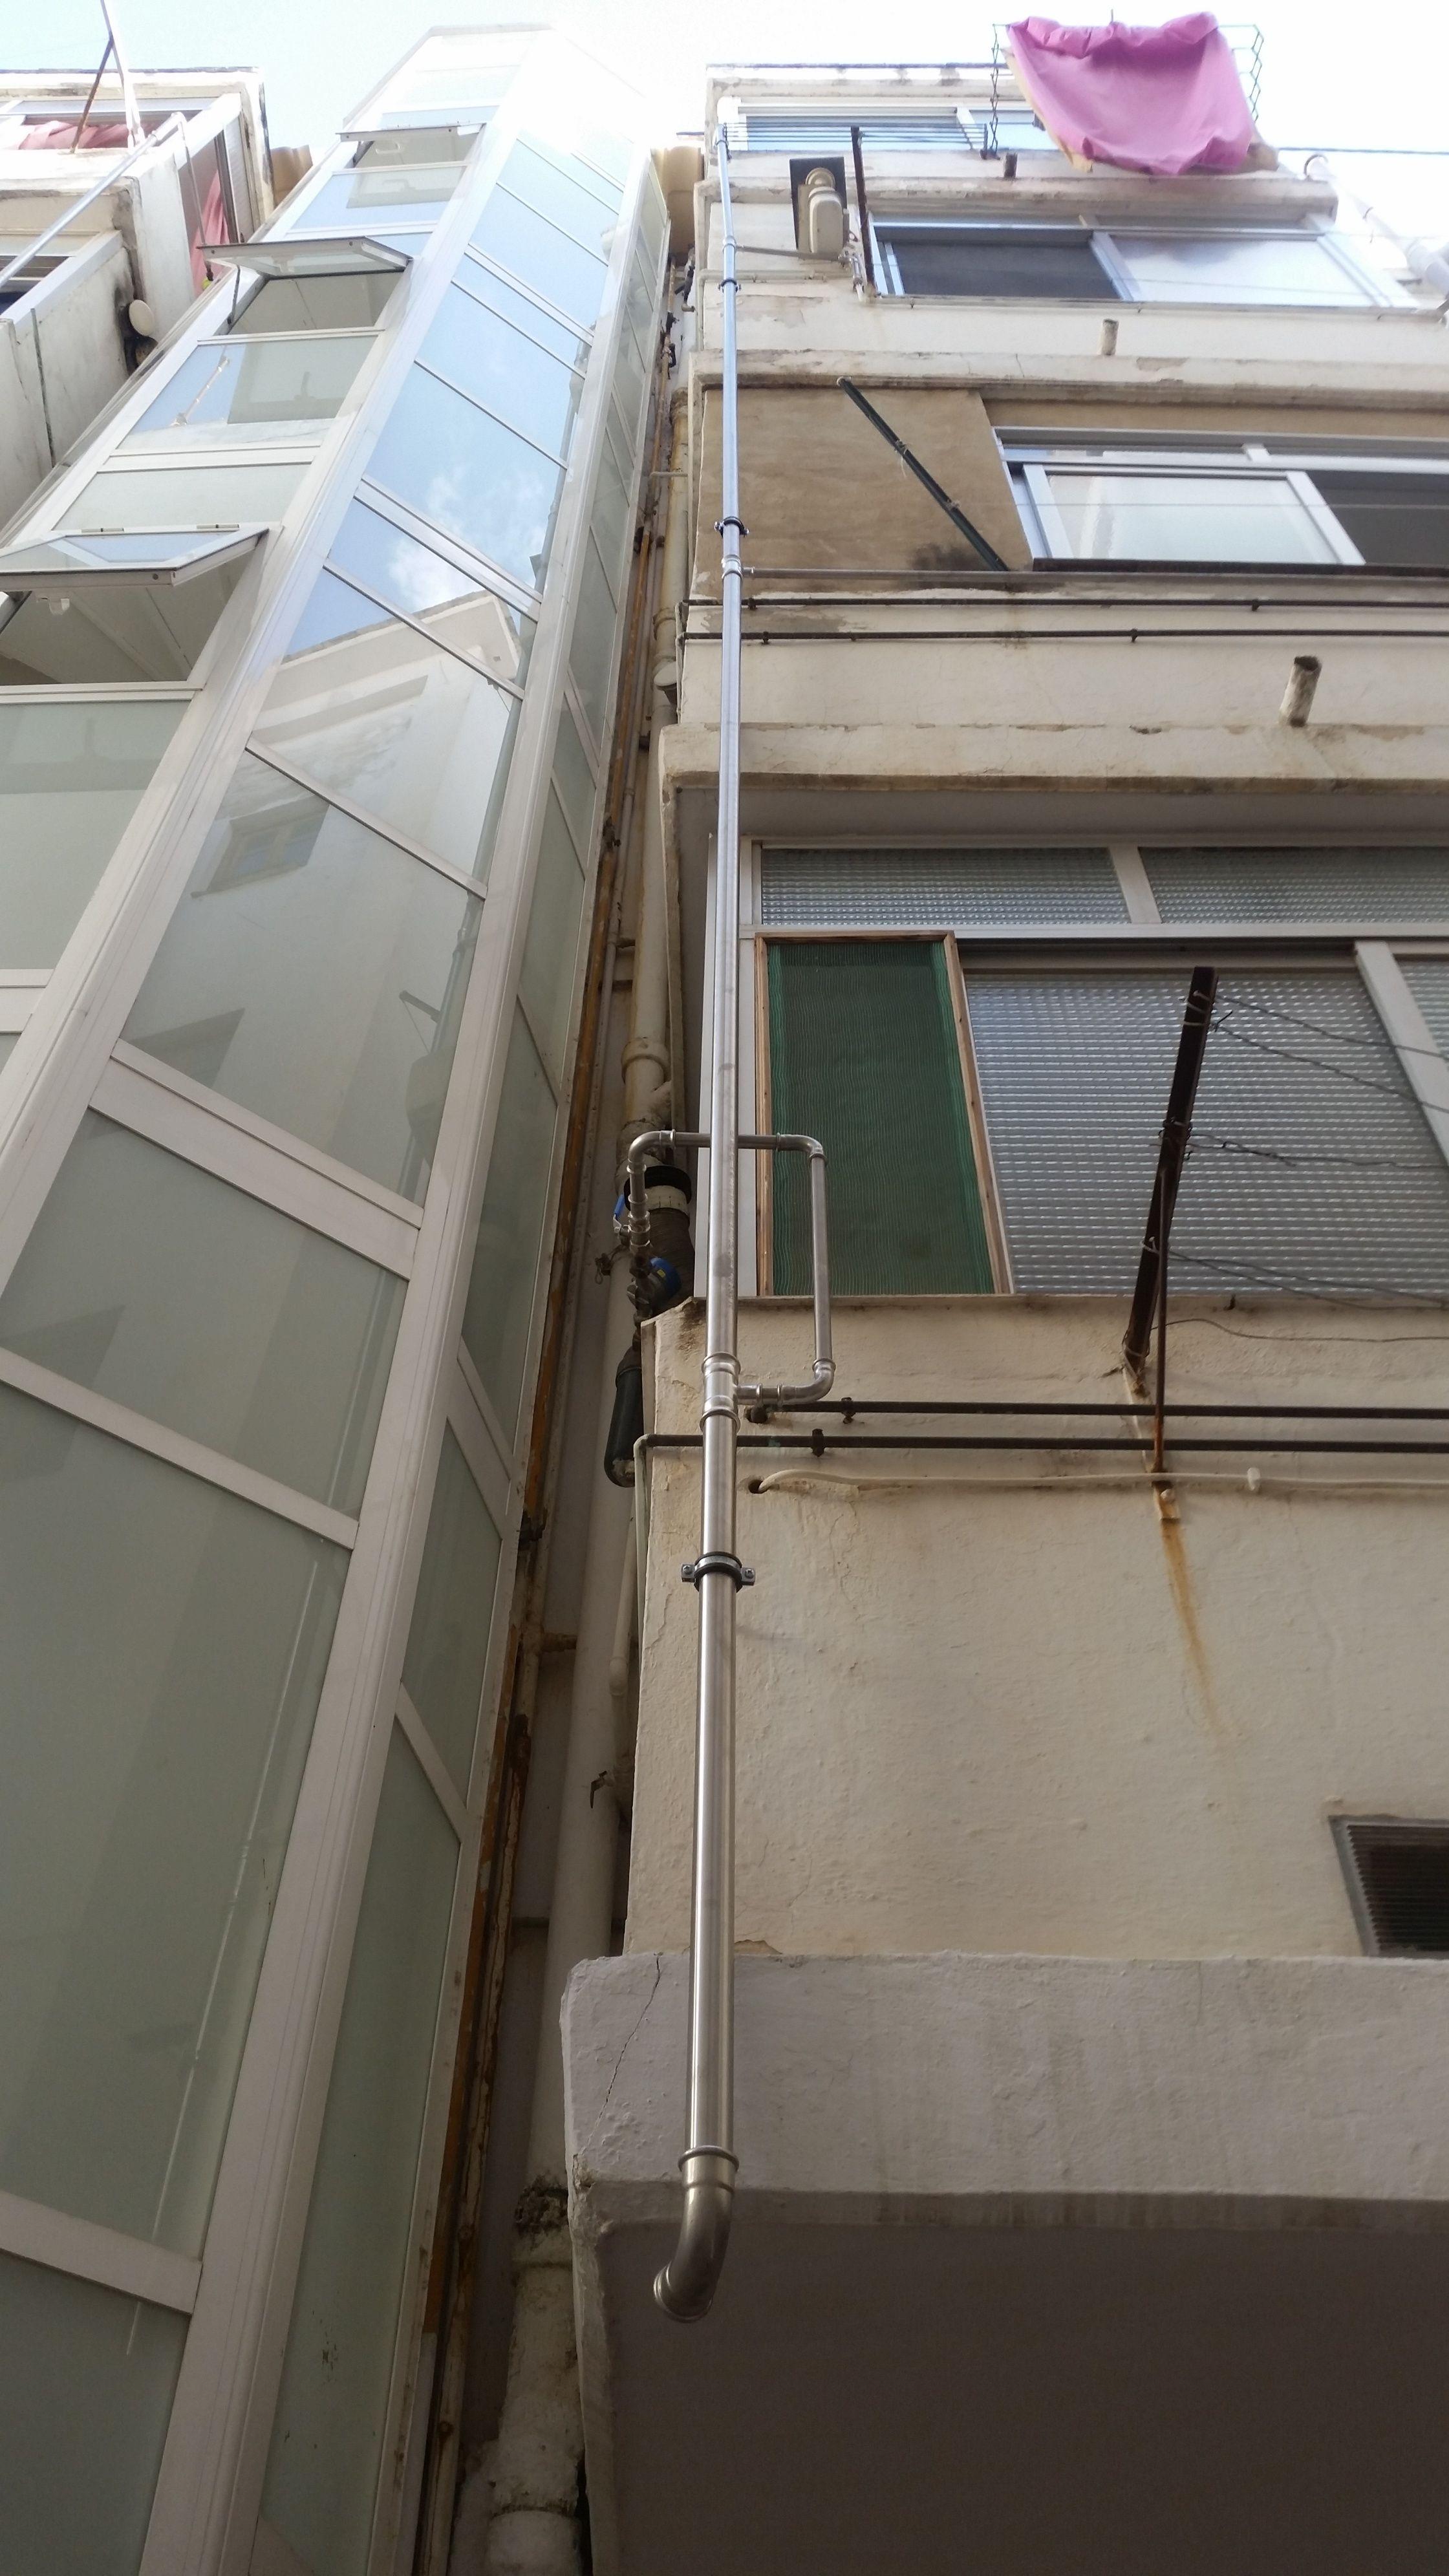 Instalaciones de fontanería en edificios en Valencia